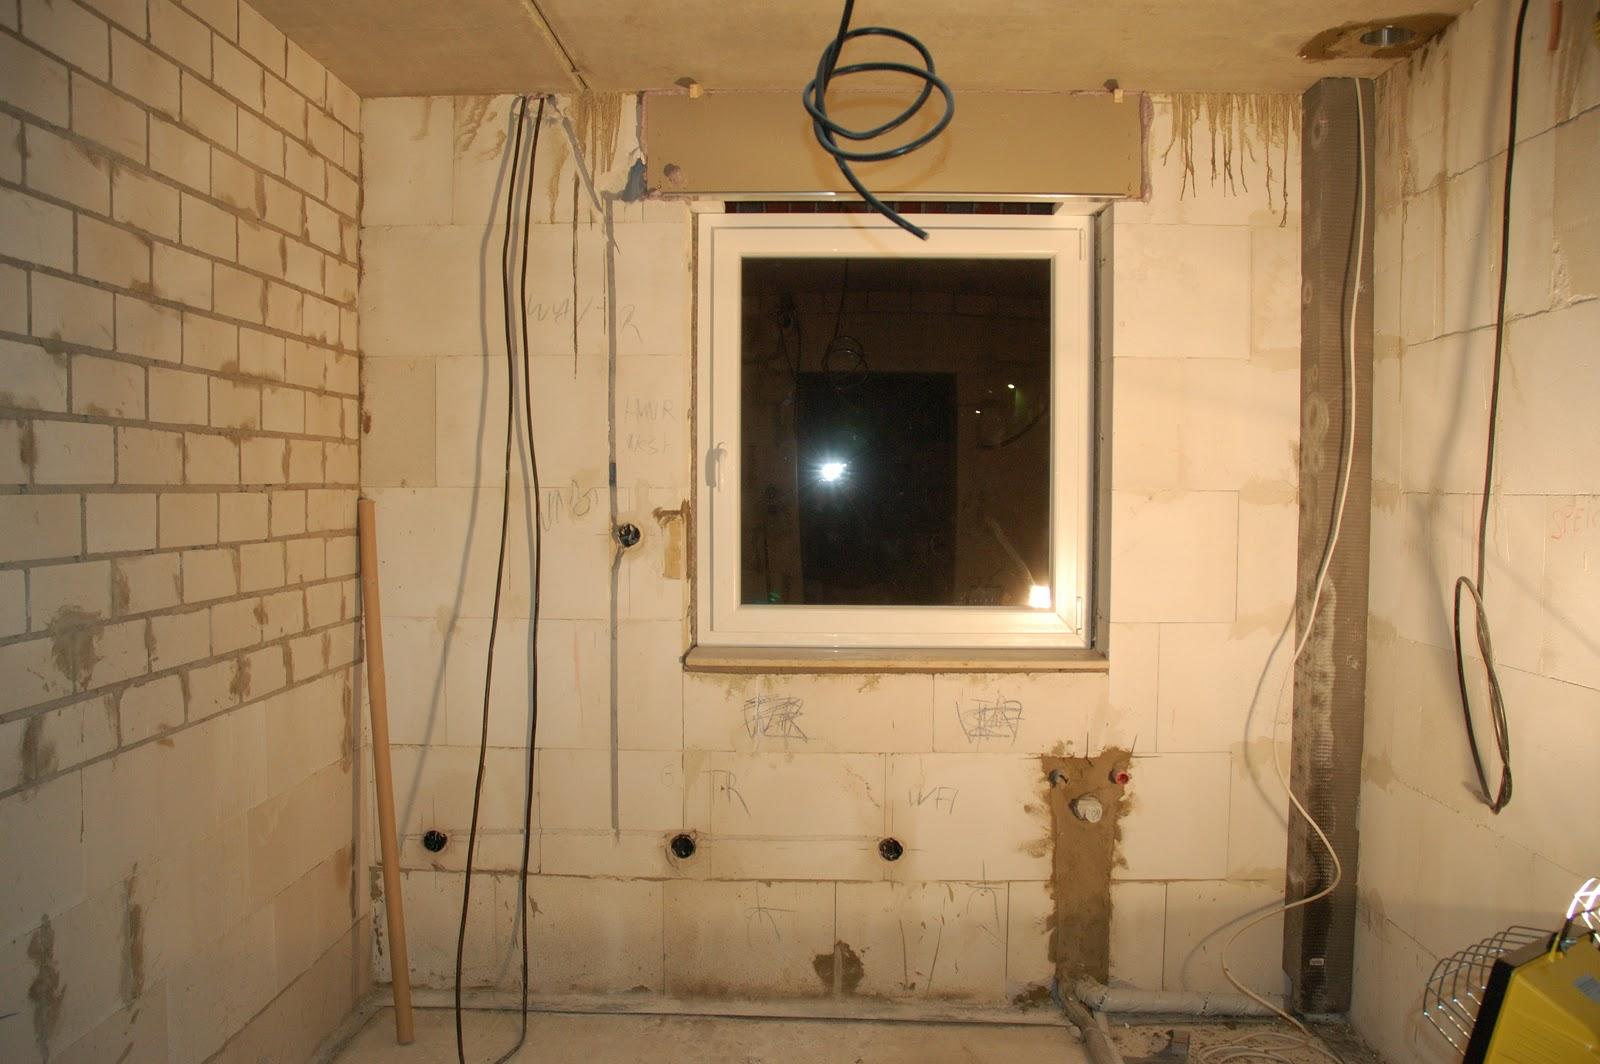 Hausbau Thiemorgen: Stromkabel liegen